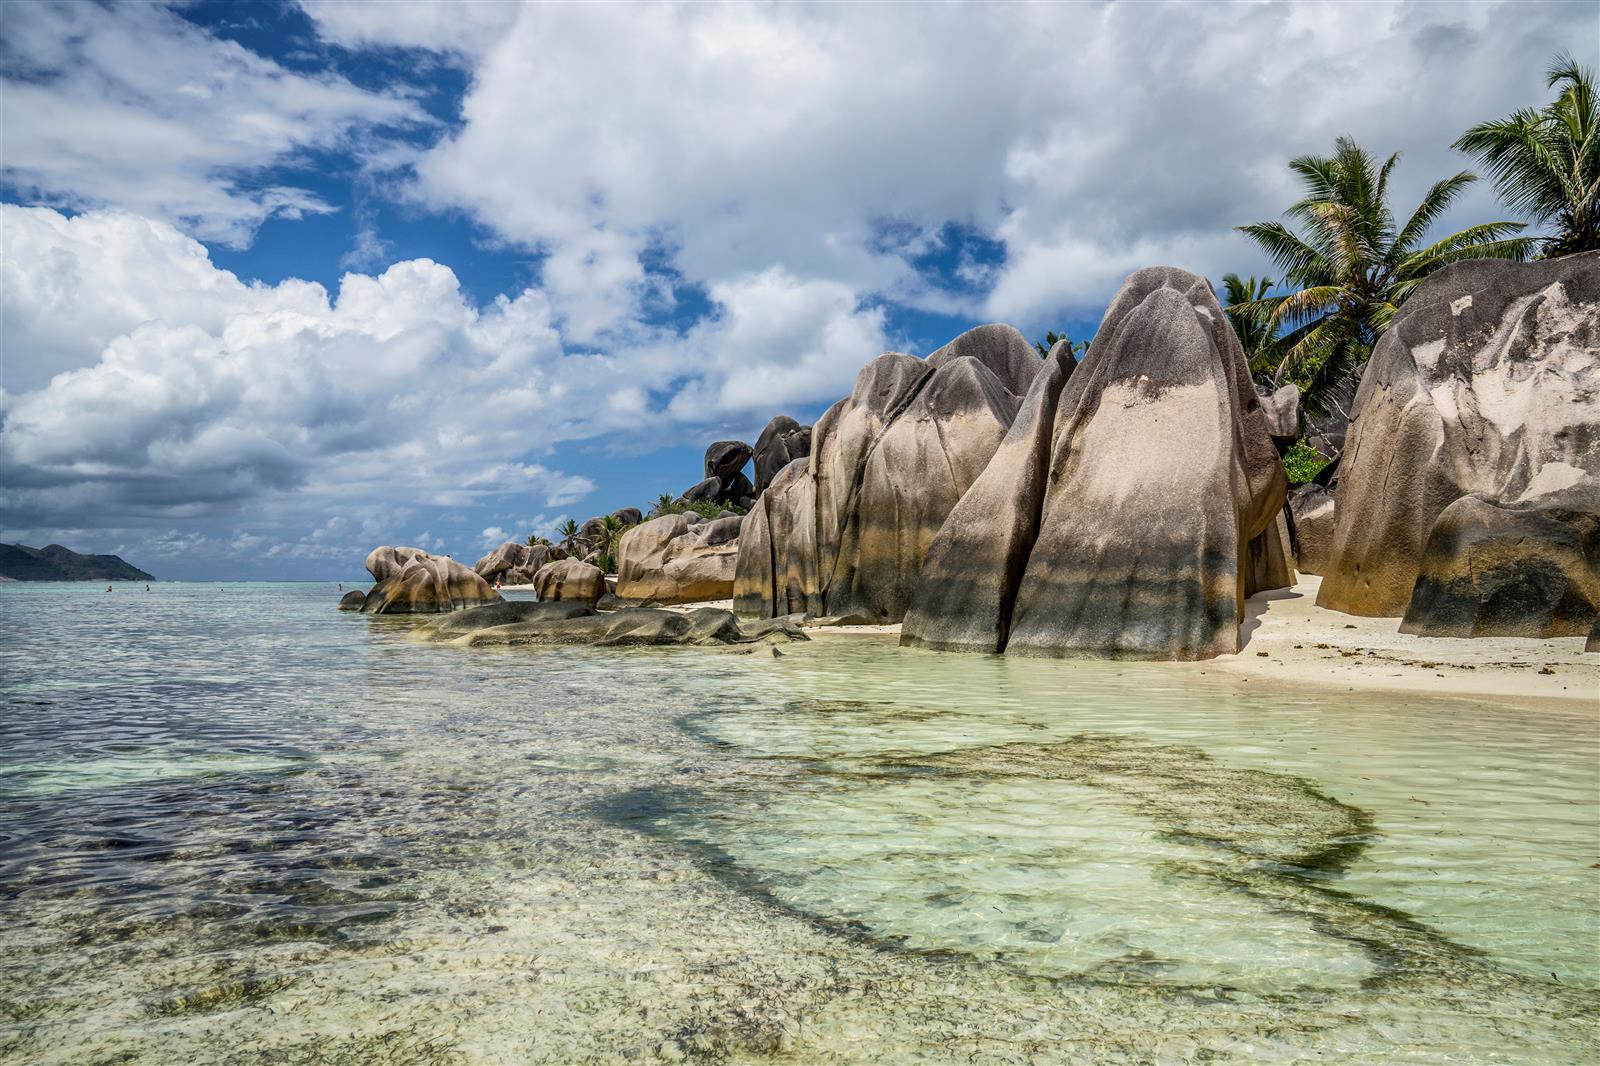 המים הכי צלולים, החופים הכי לבנים: איי סיישל (צילום: איתמר קוטלר) (צילום: איתמר קוטלר)